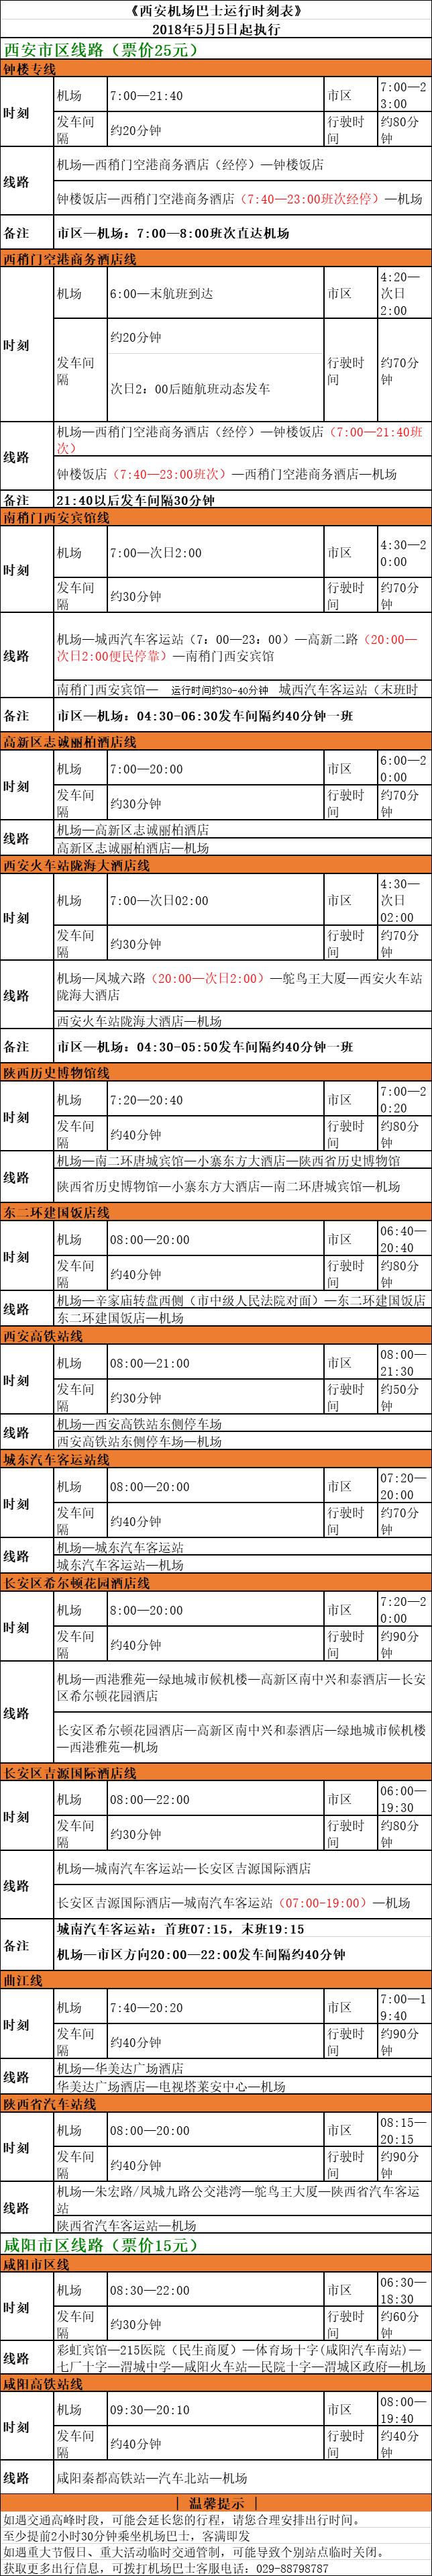 2020西安机场大巴时刻表(时间+线路)